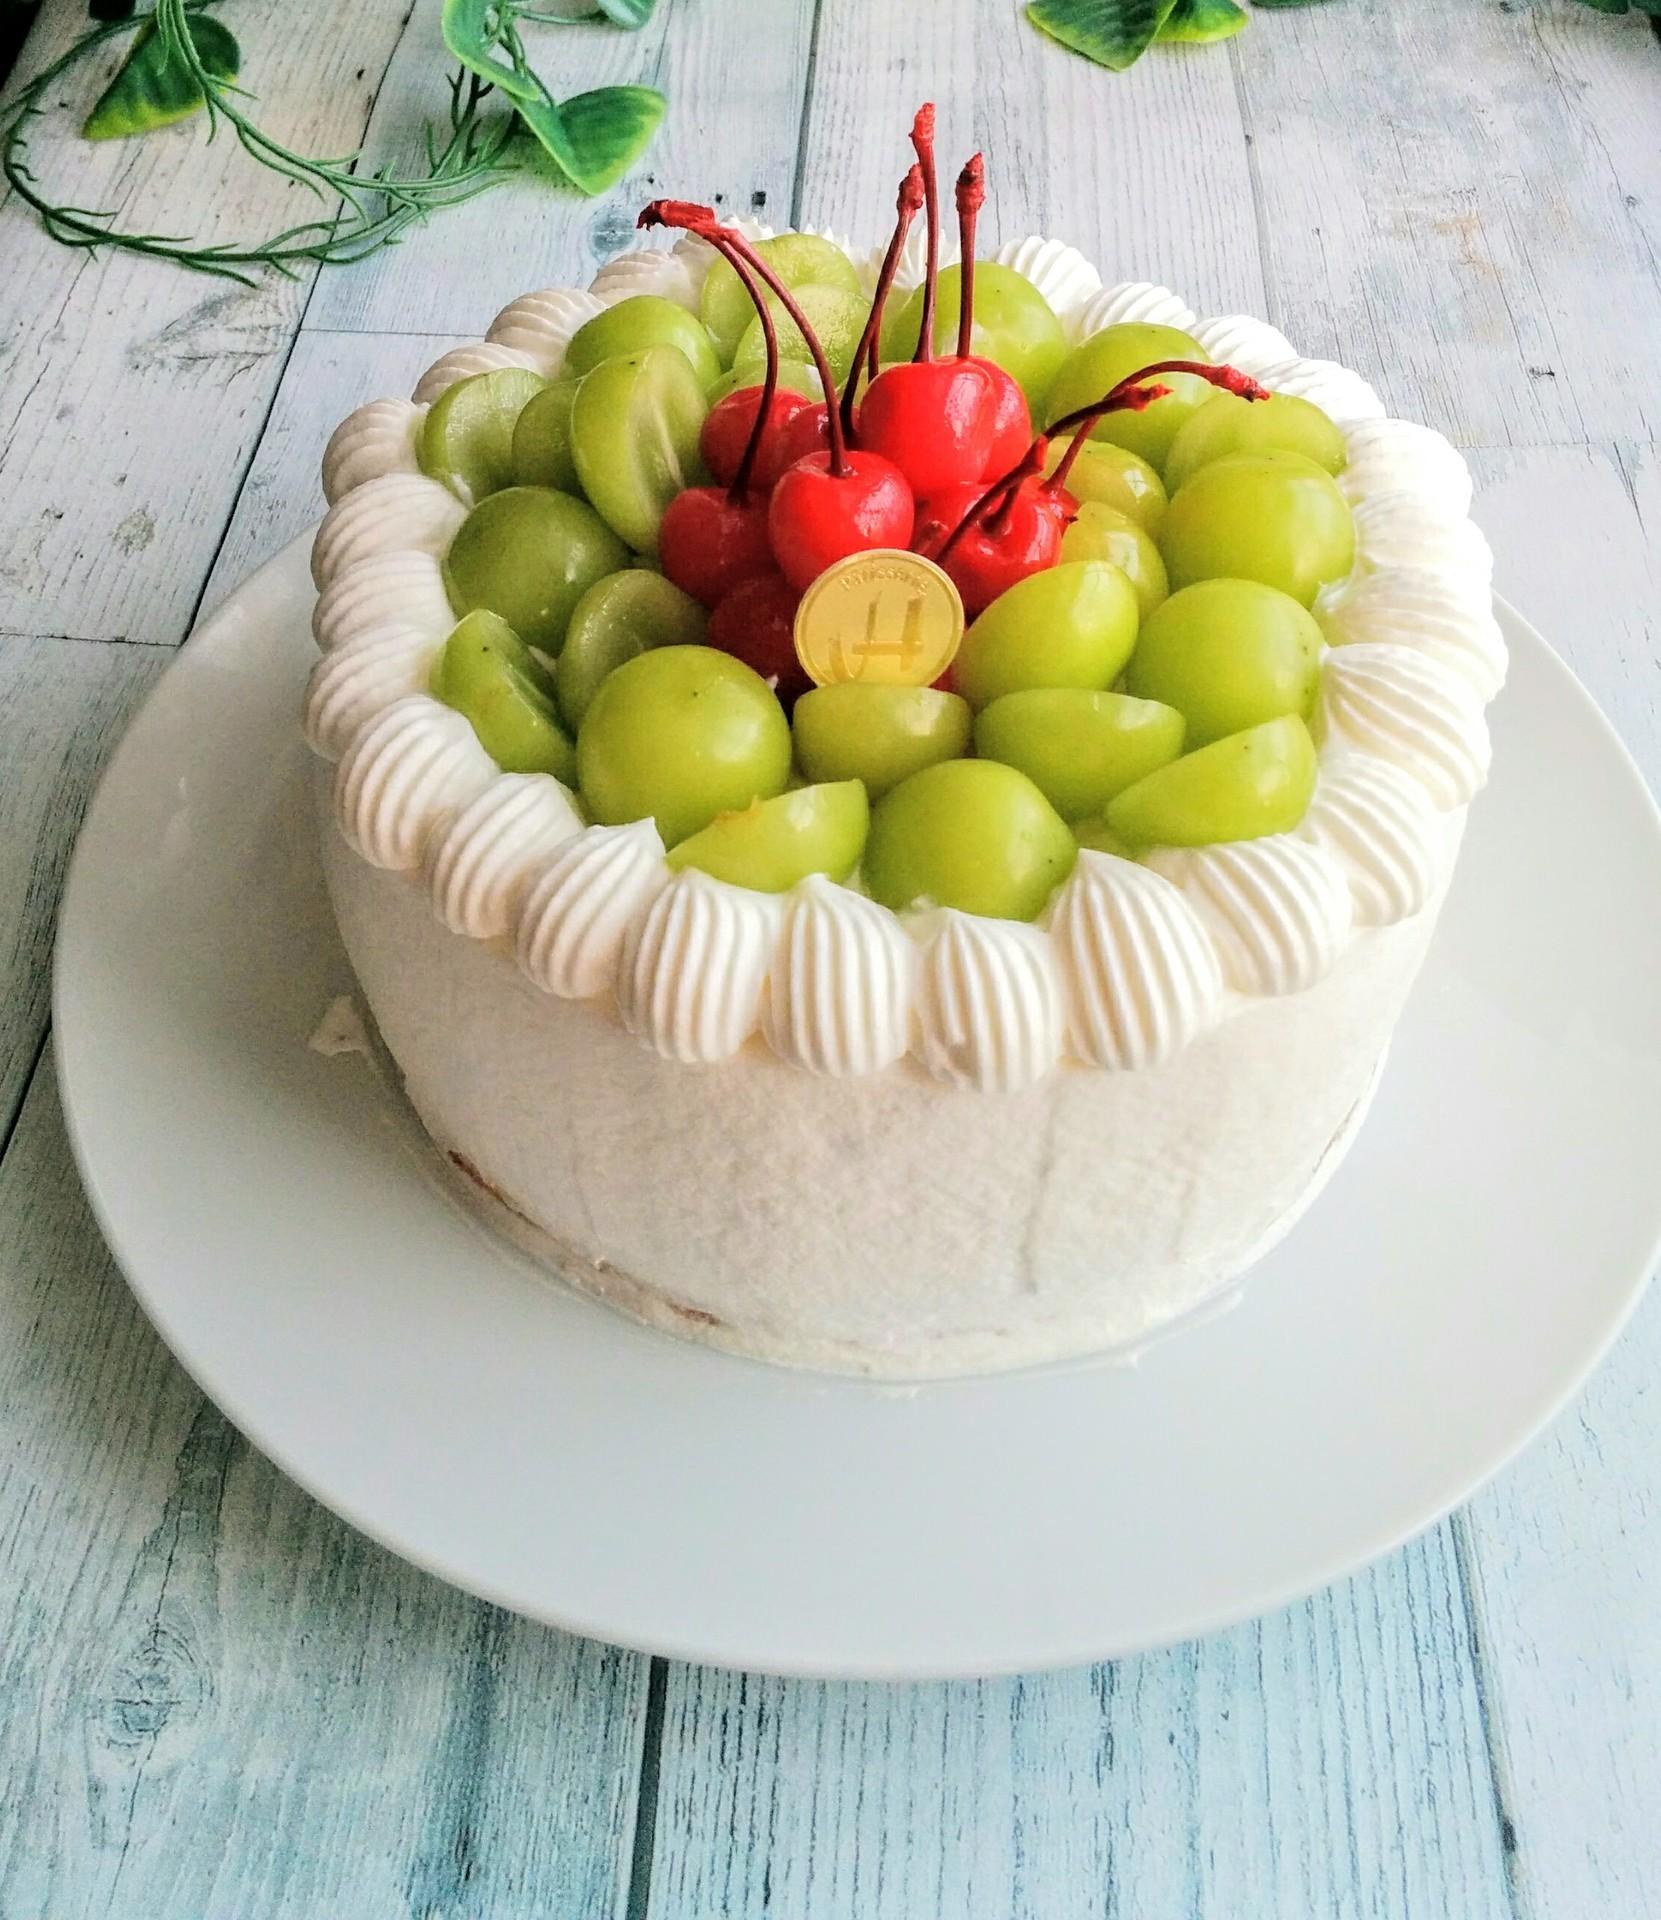 シャイン マスカット ケーキ レシピ